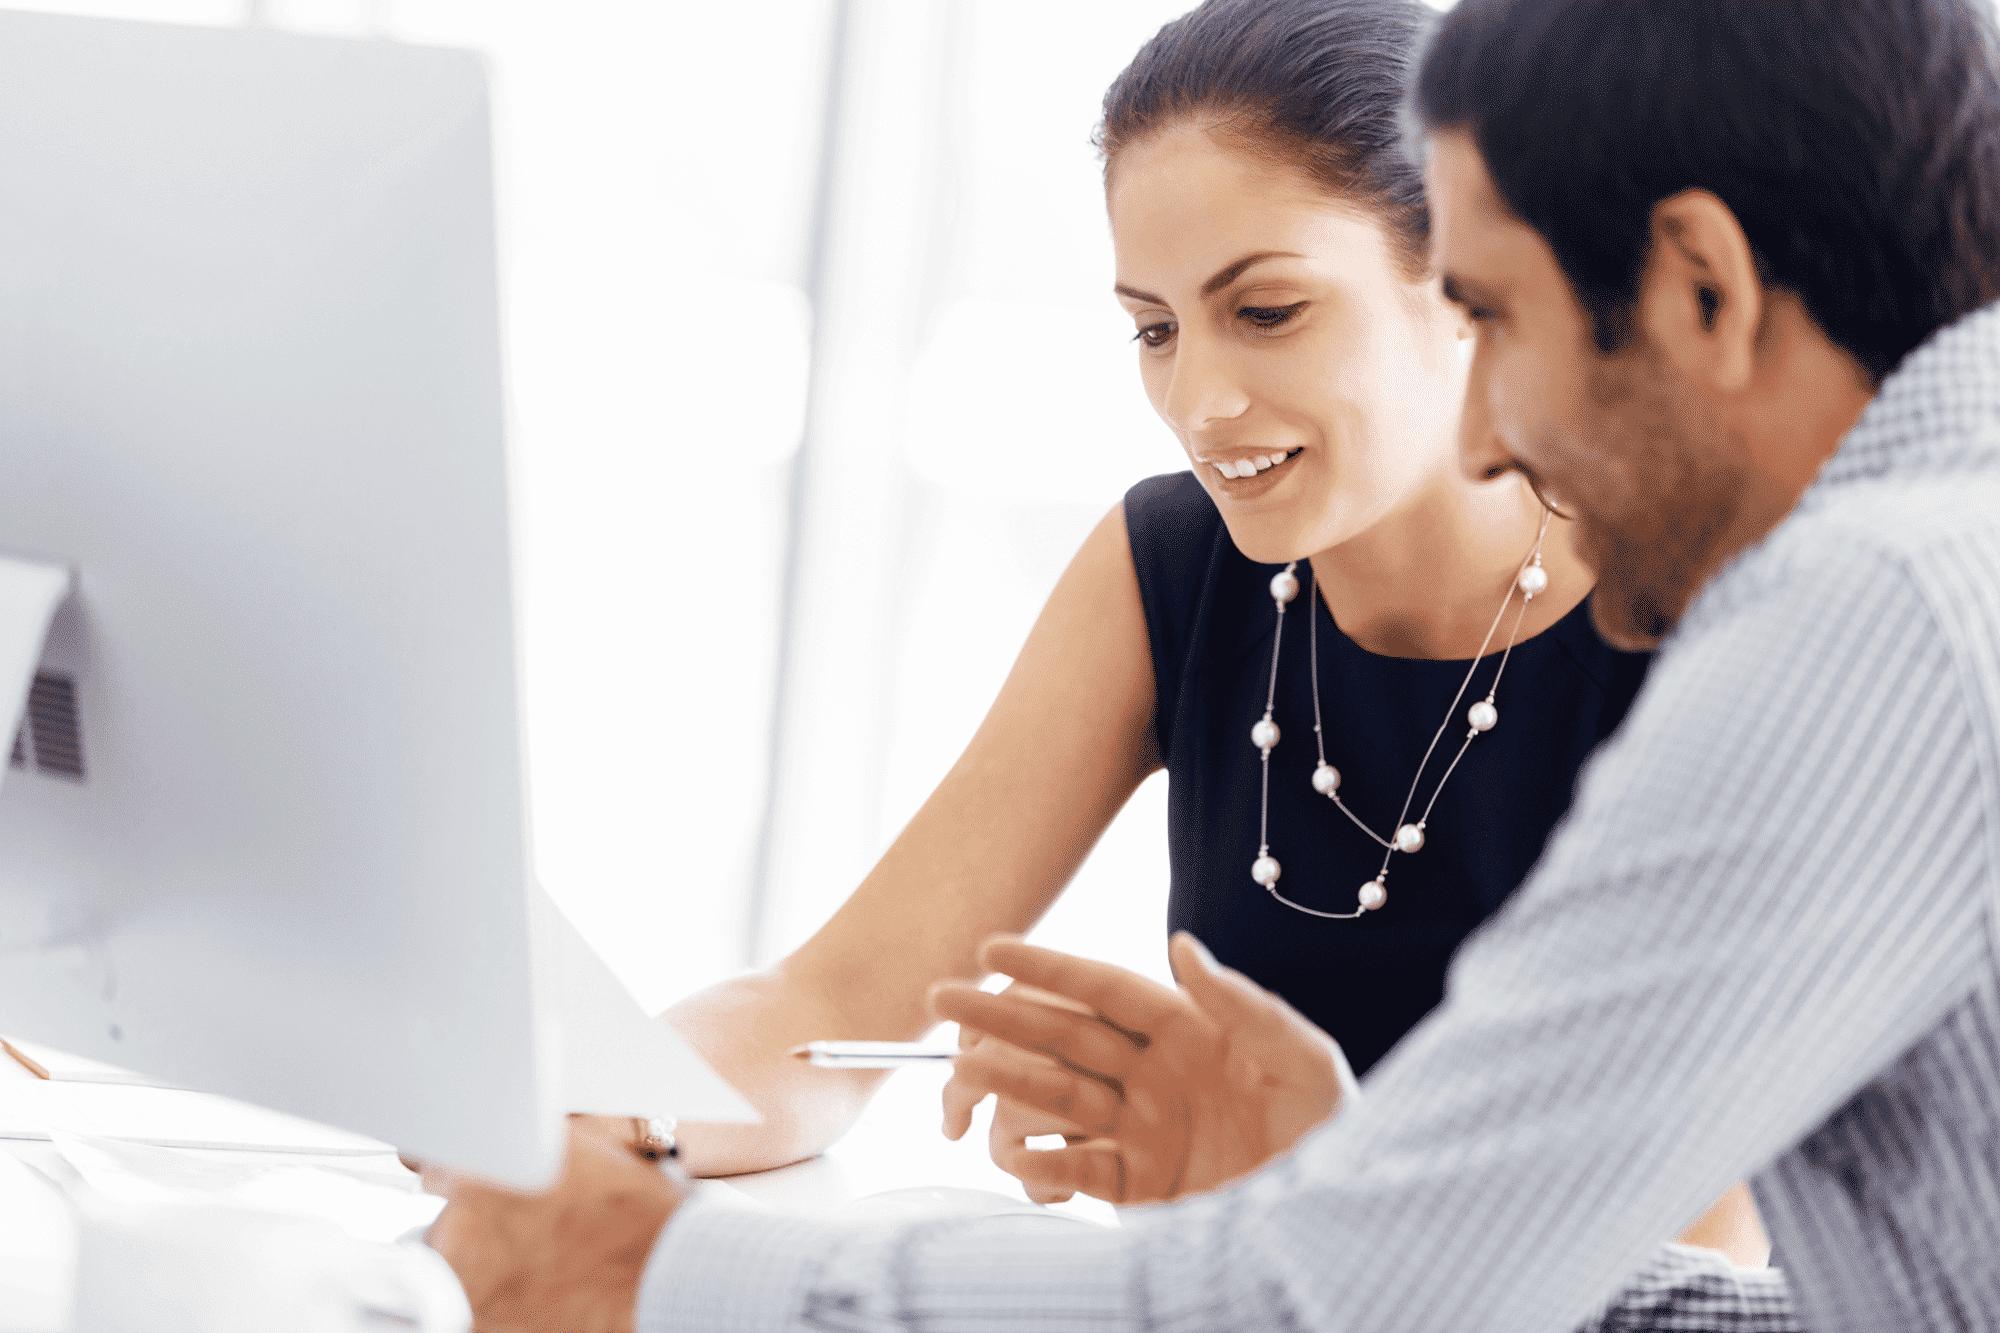 Agile werken   100% Agility   Valkuilen & Voordelen   Advies